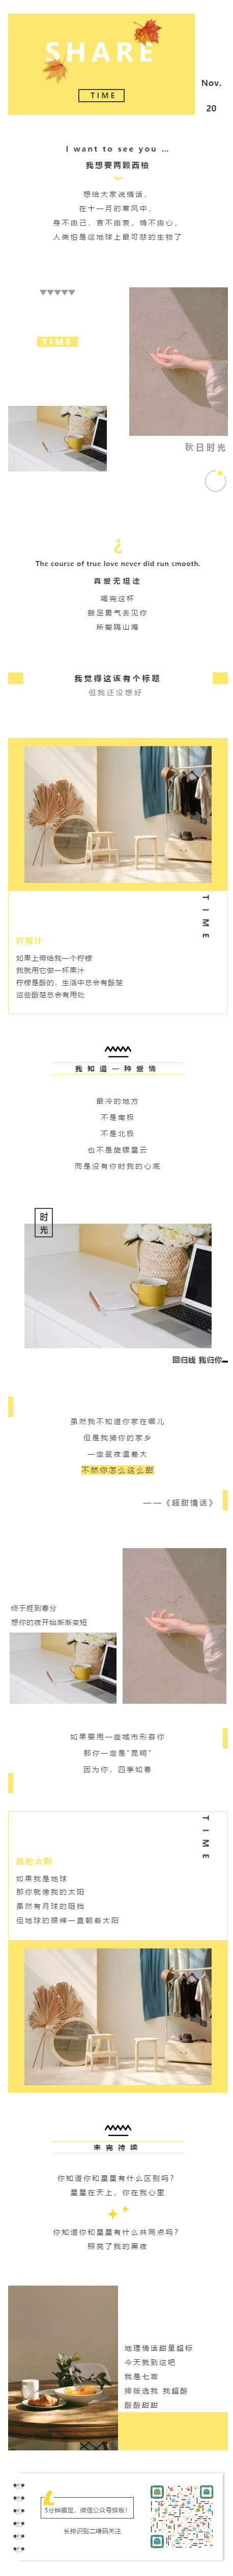 黄色风格简约清新风格模板水果微信公众号推文模板推送素材